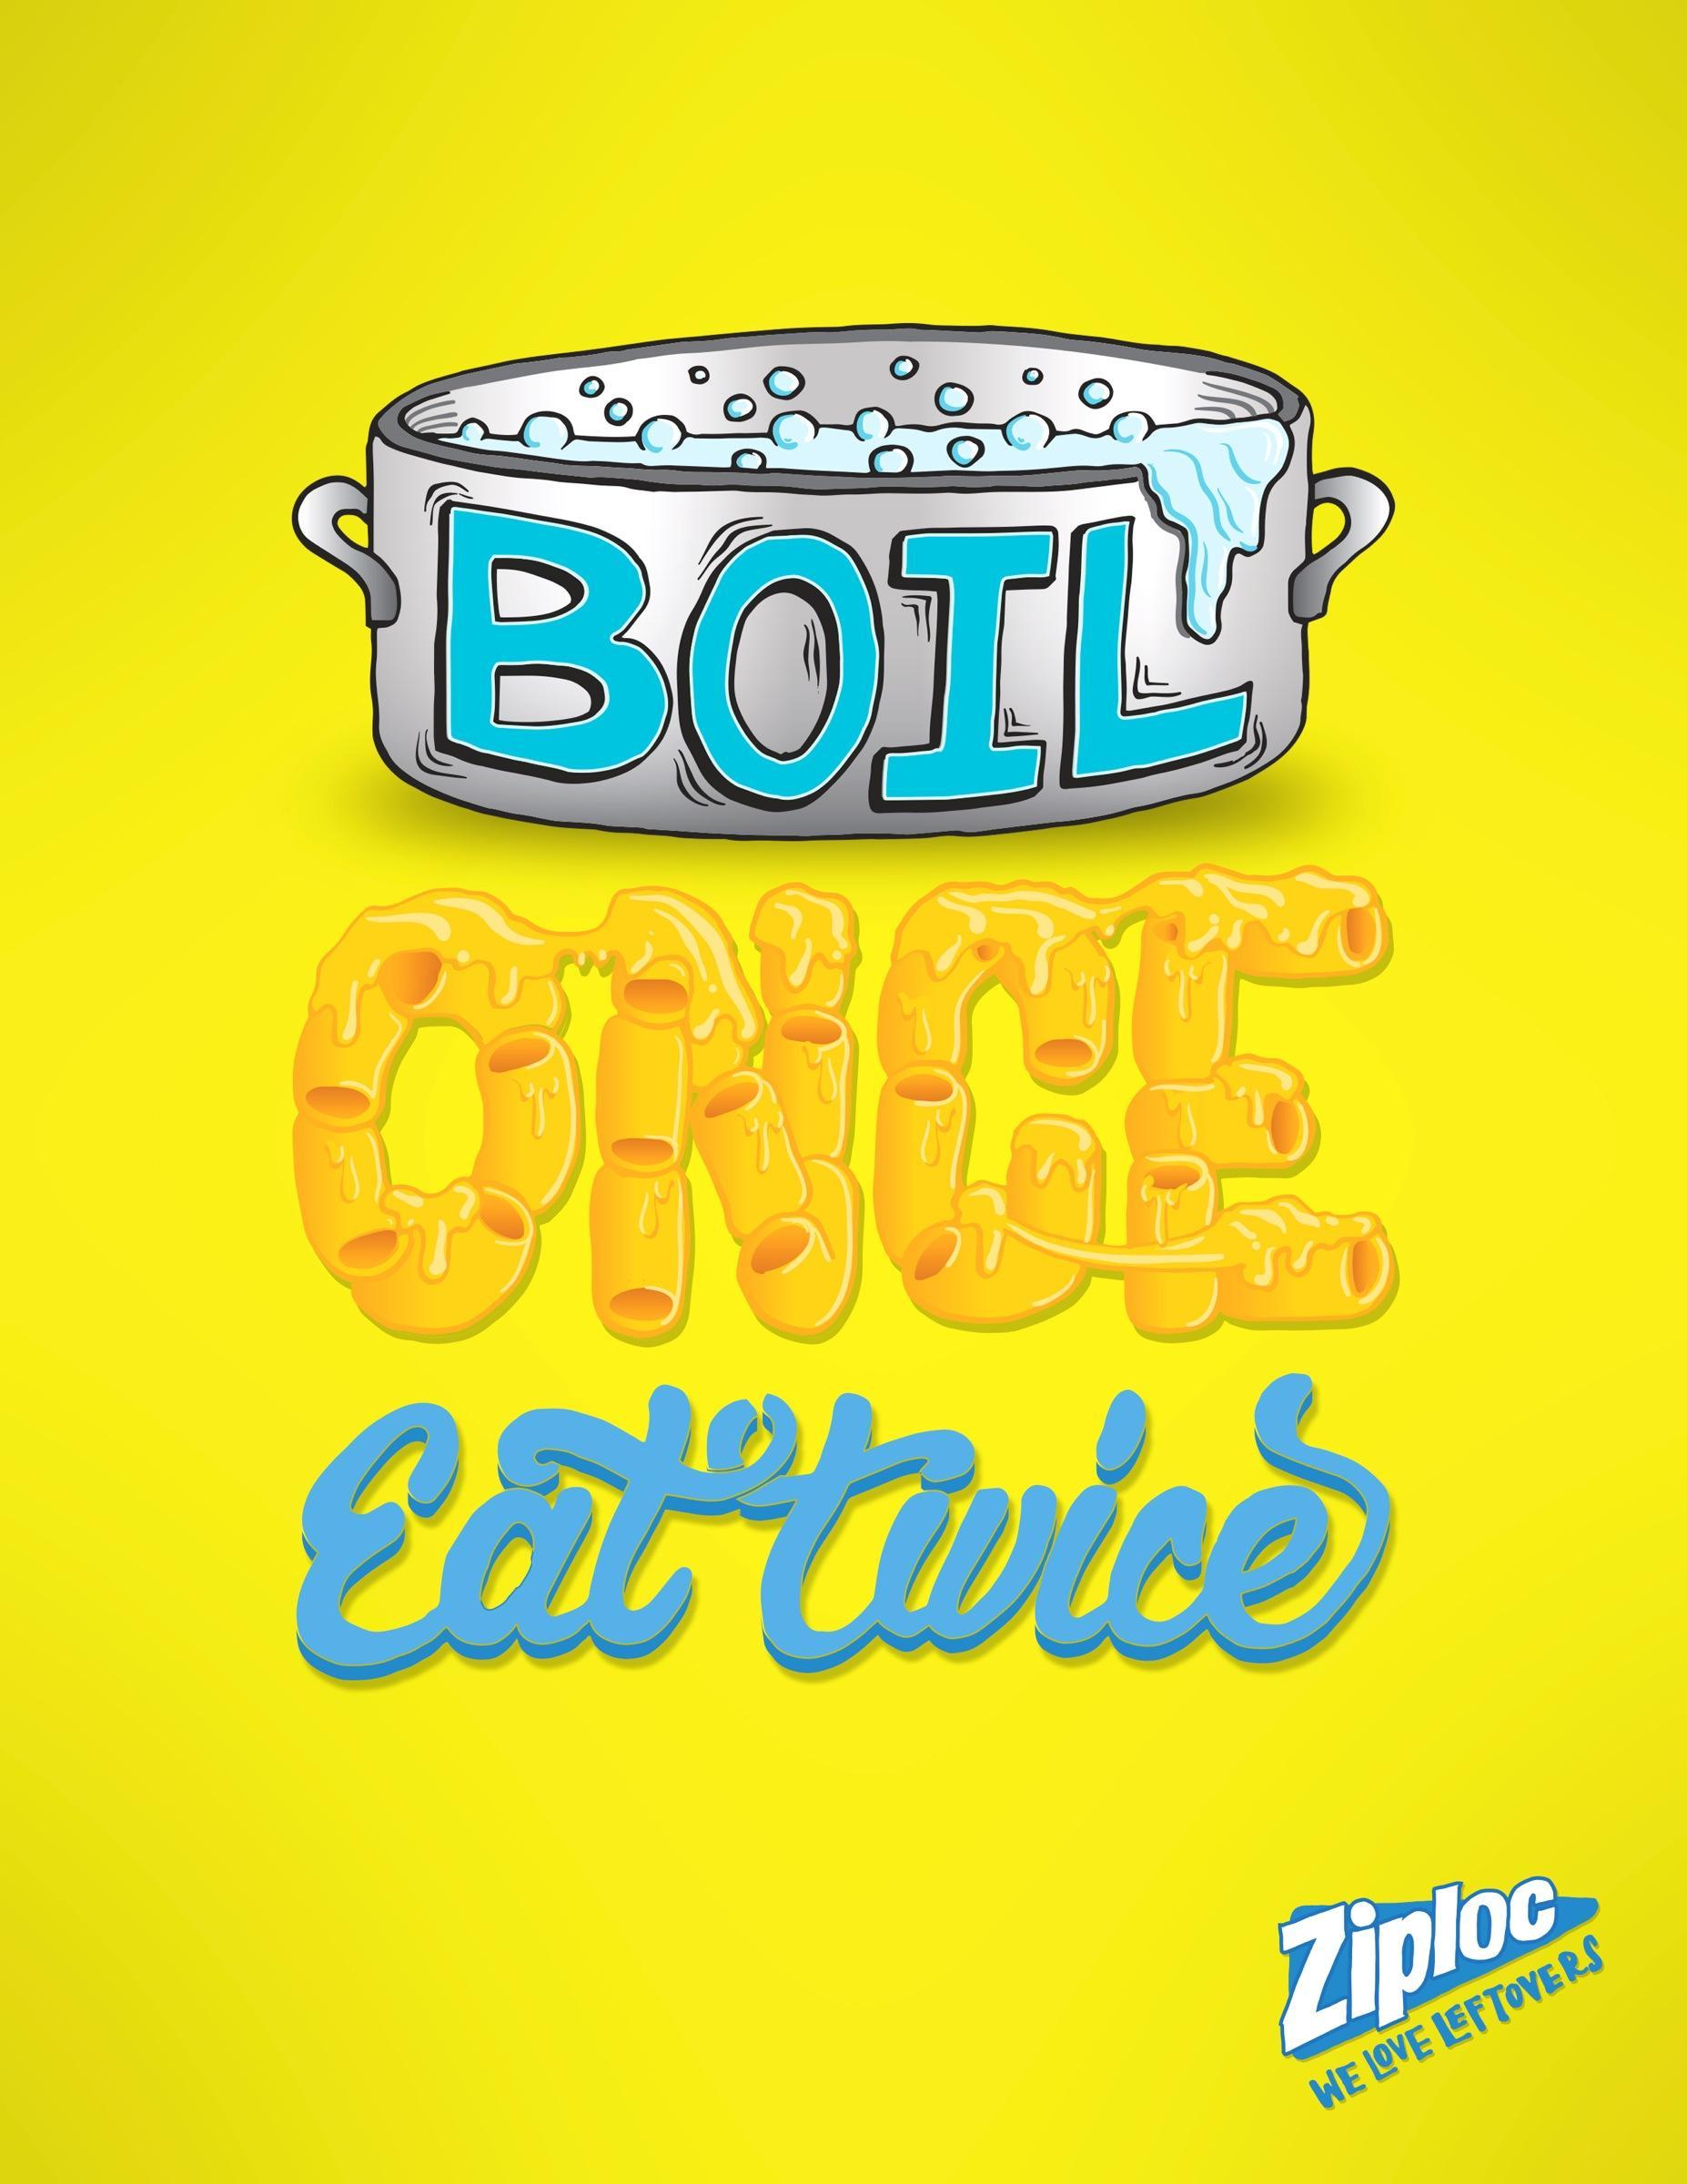 Ziploc Print Ad -  We love leftovers, 2